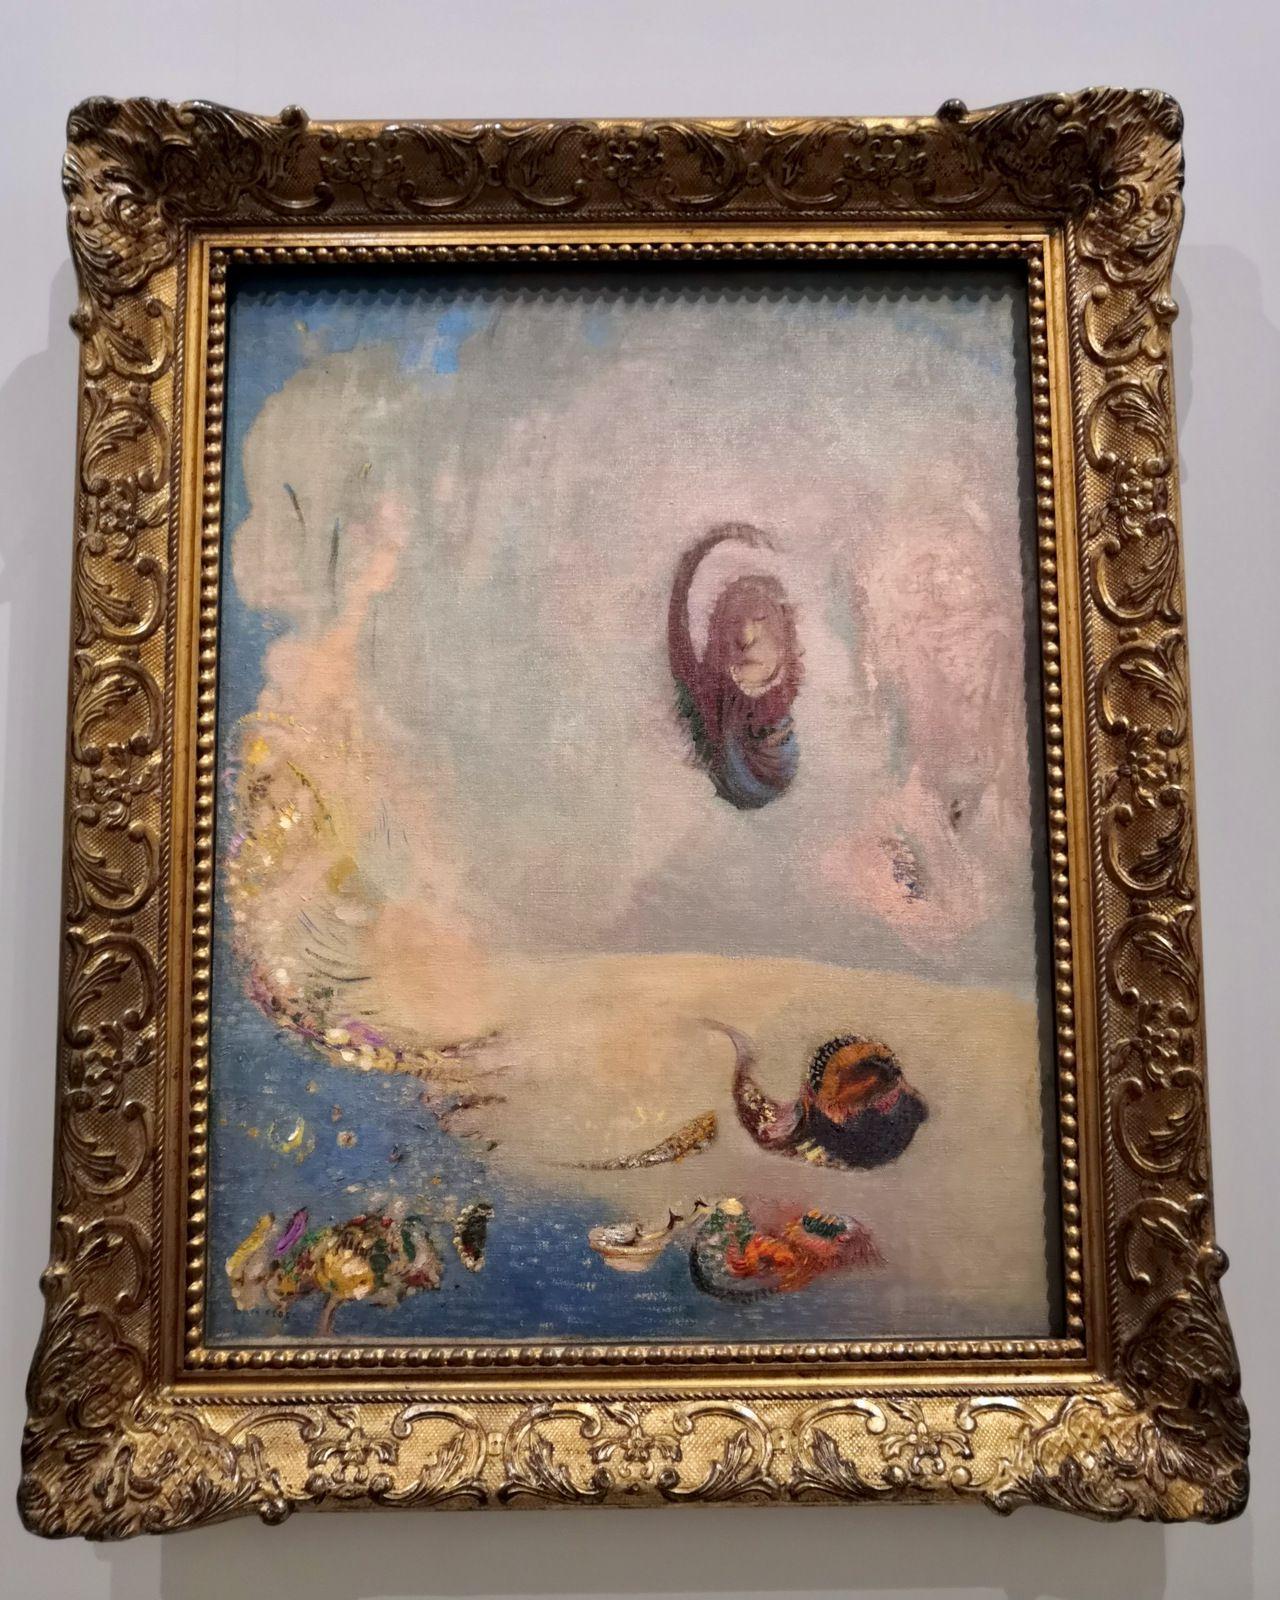 Odilon Redon (1840-1916), Oannès, 1900-1901, Huile sur toile, Otterlo, Kröller-Müller Museum